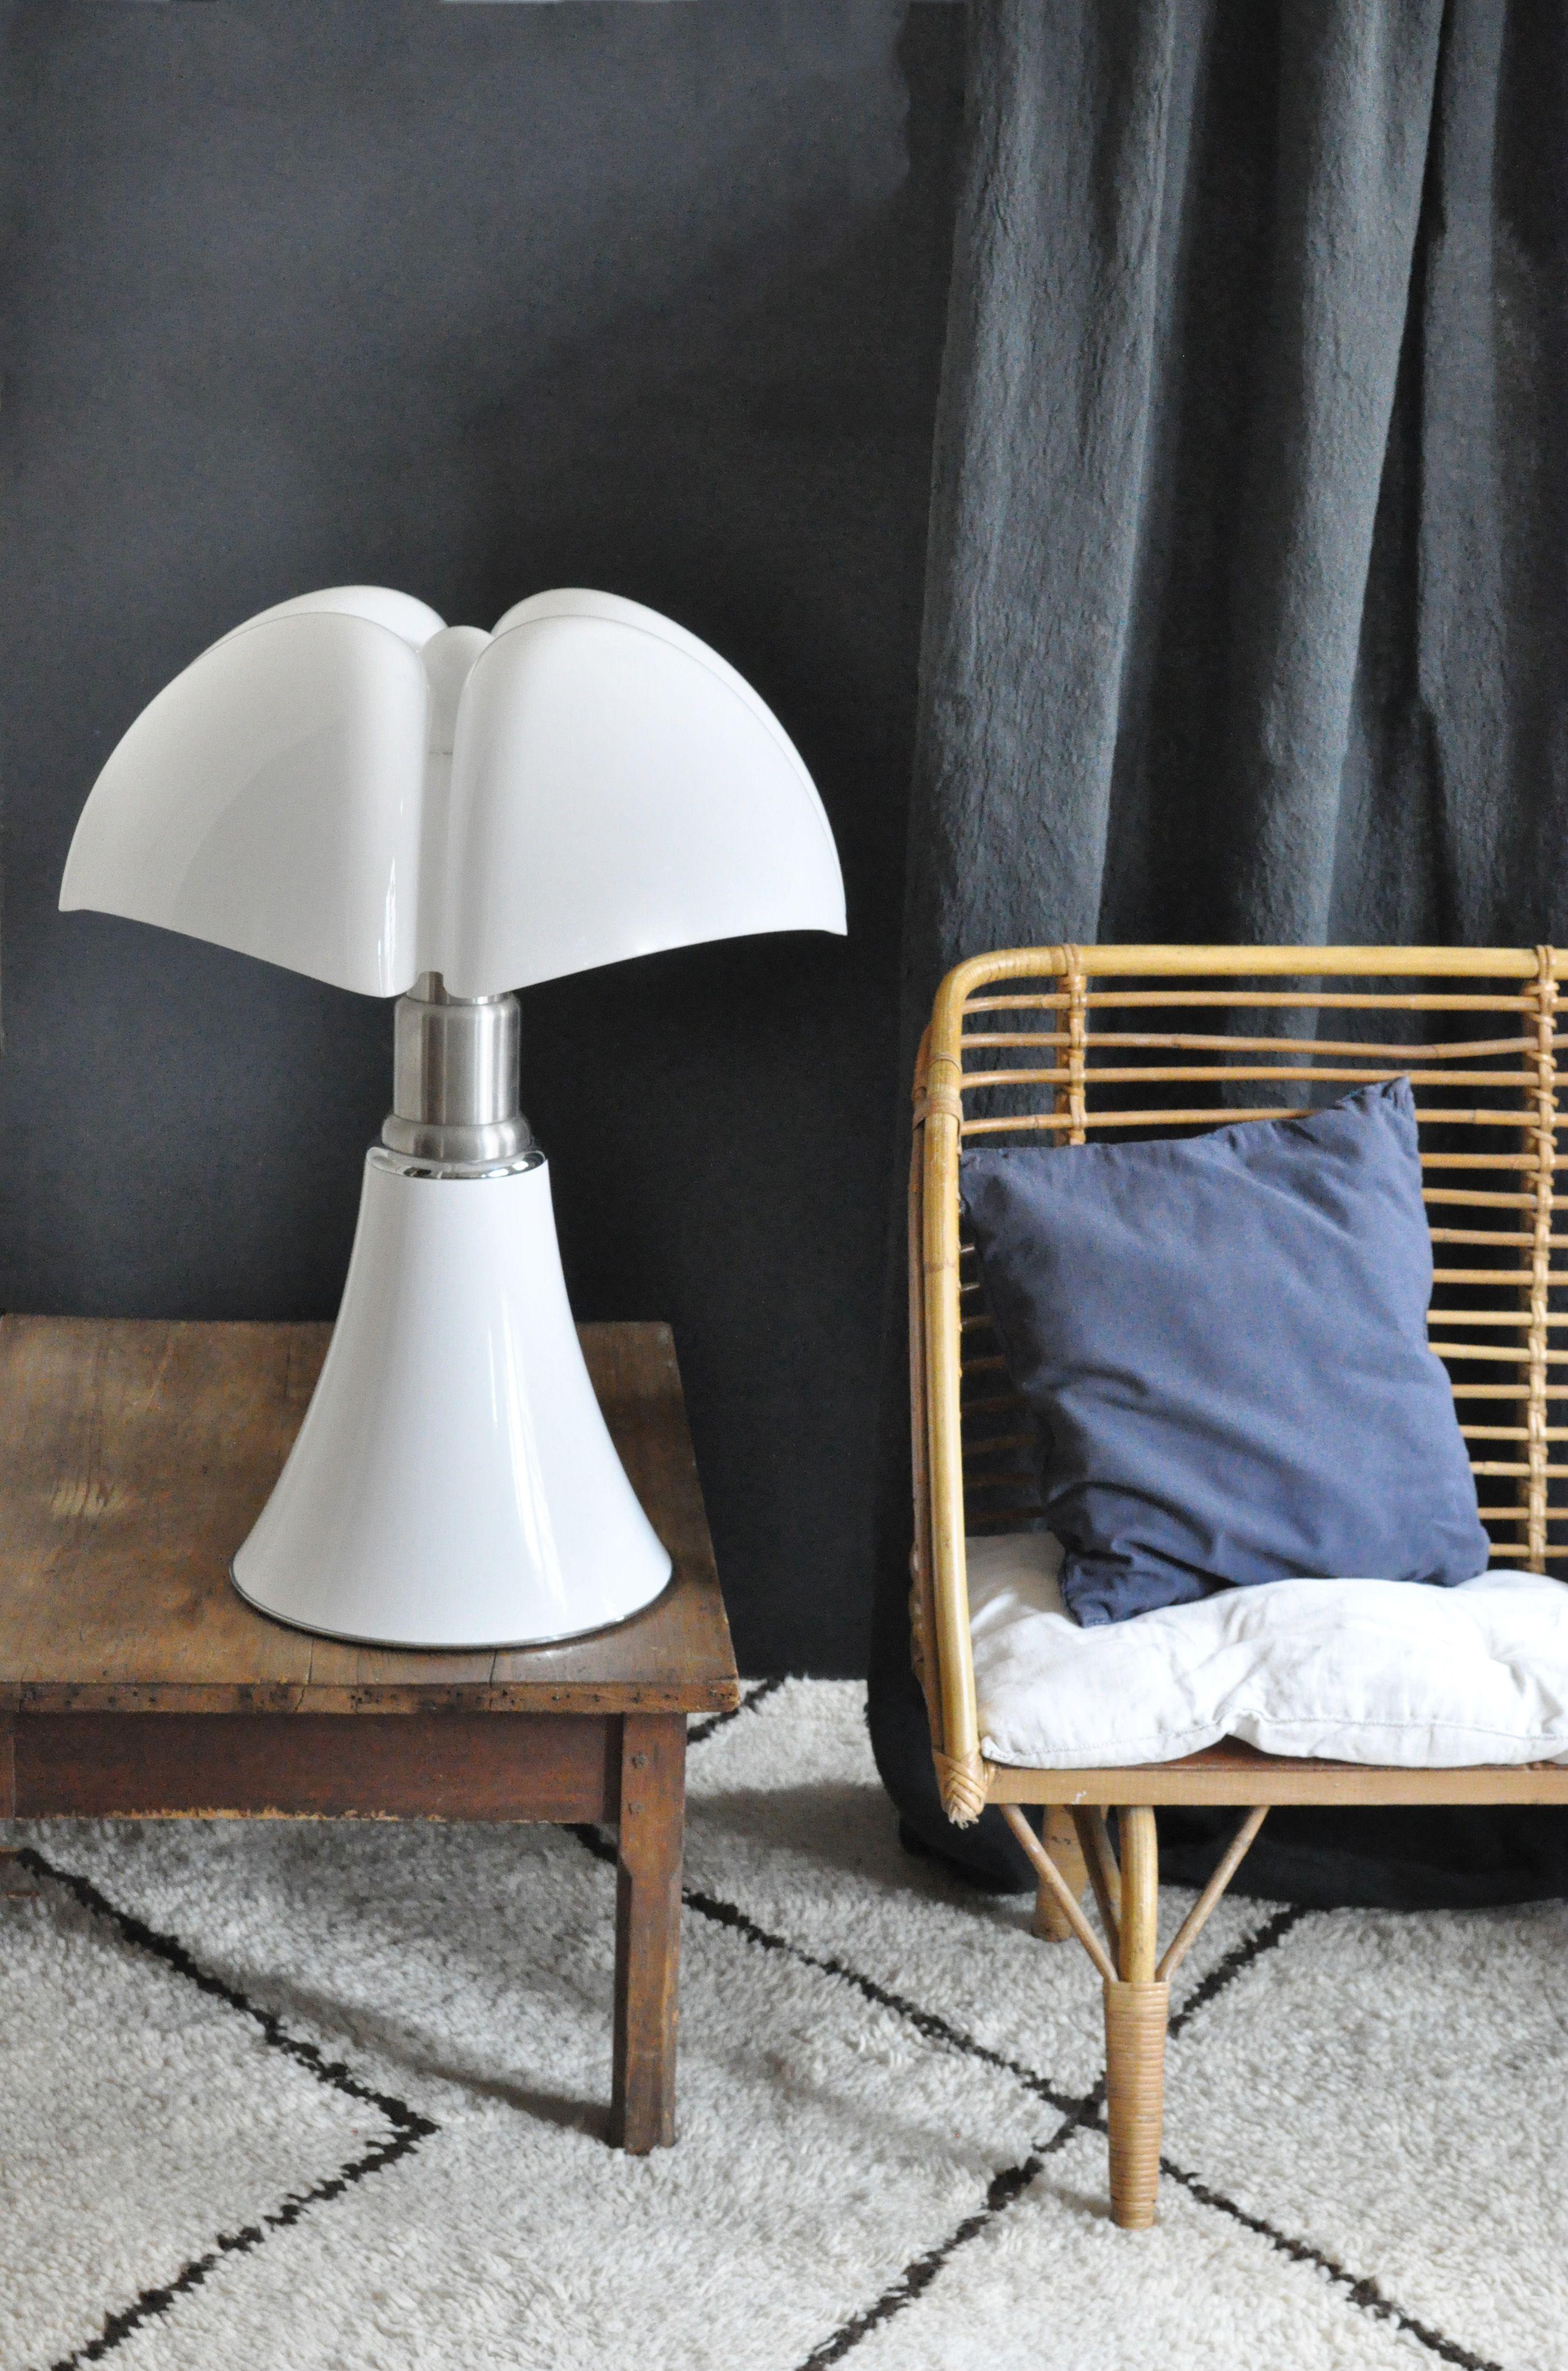 accueil d co d int rieure lampe pipistrello mobilier. Black Bedroom Furniture Sets. Home Design Ideas